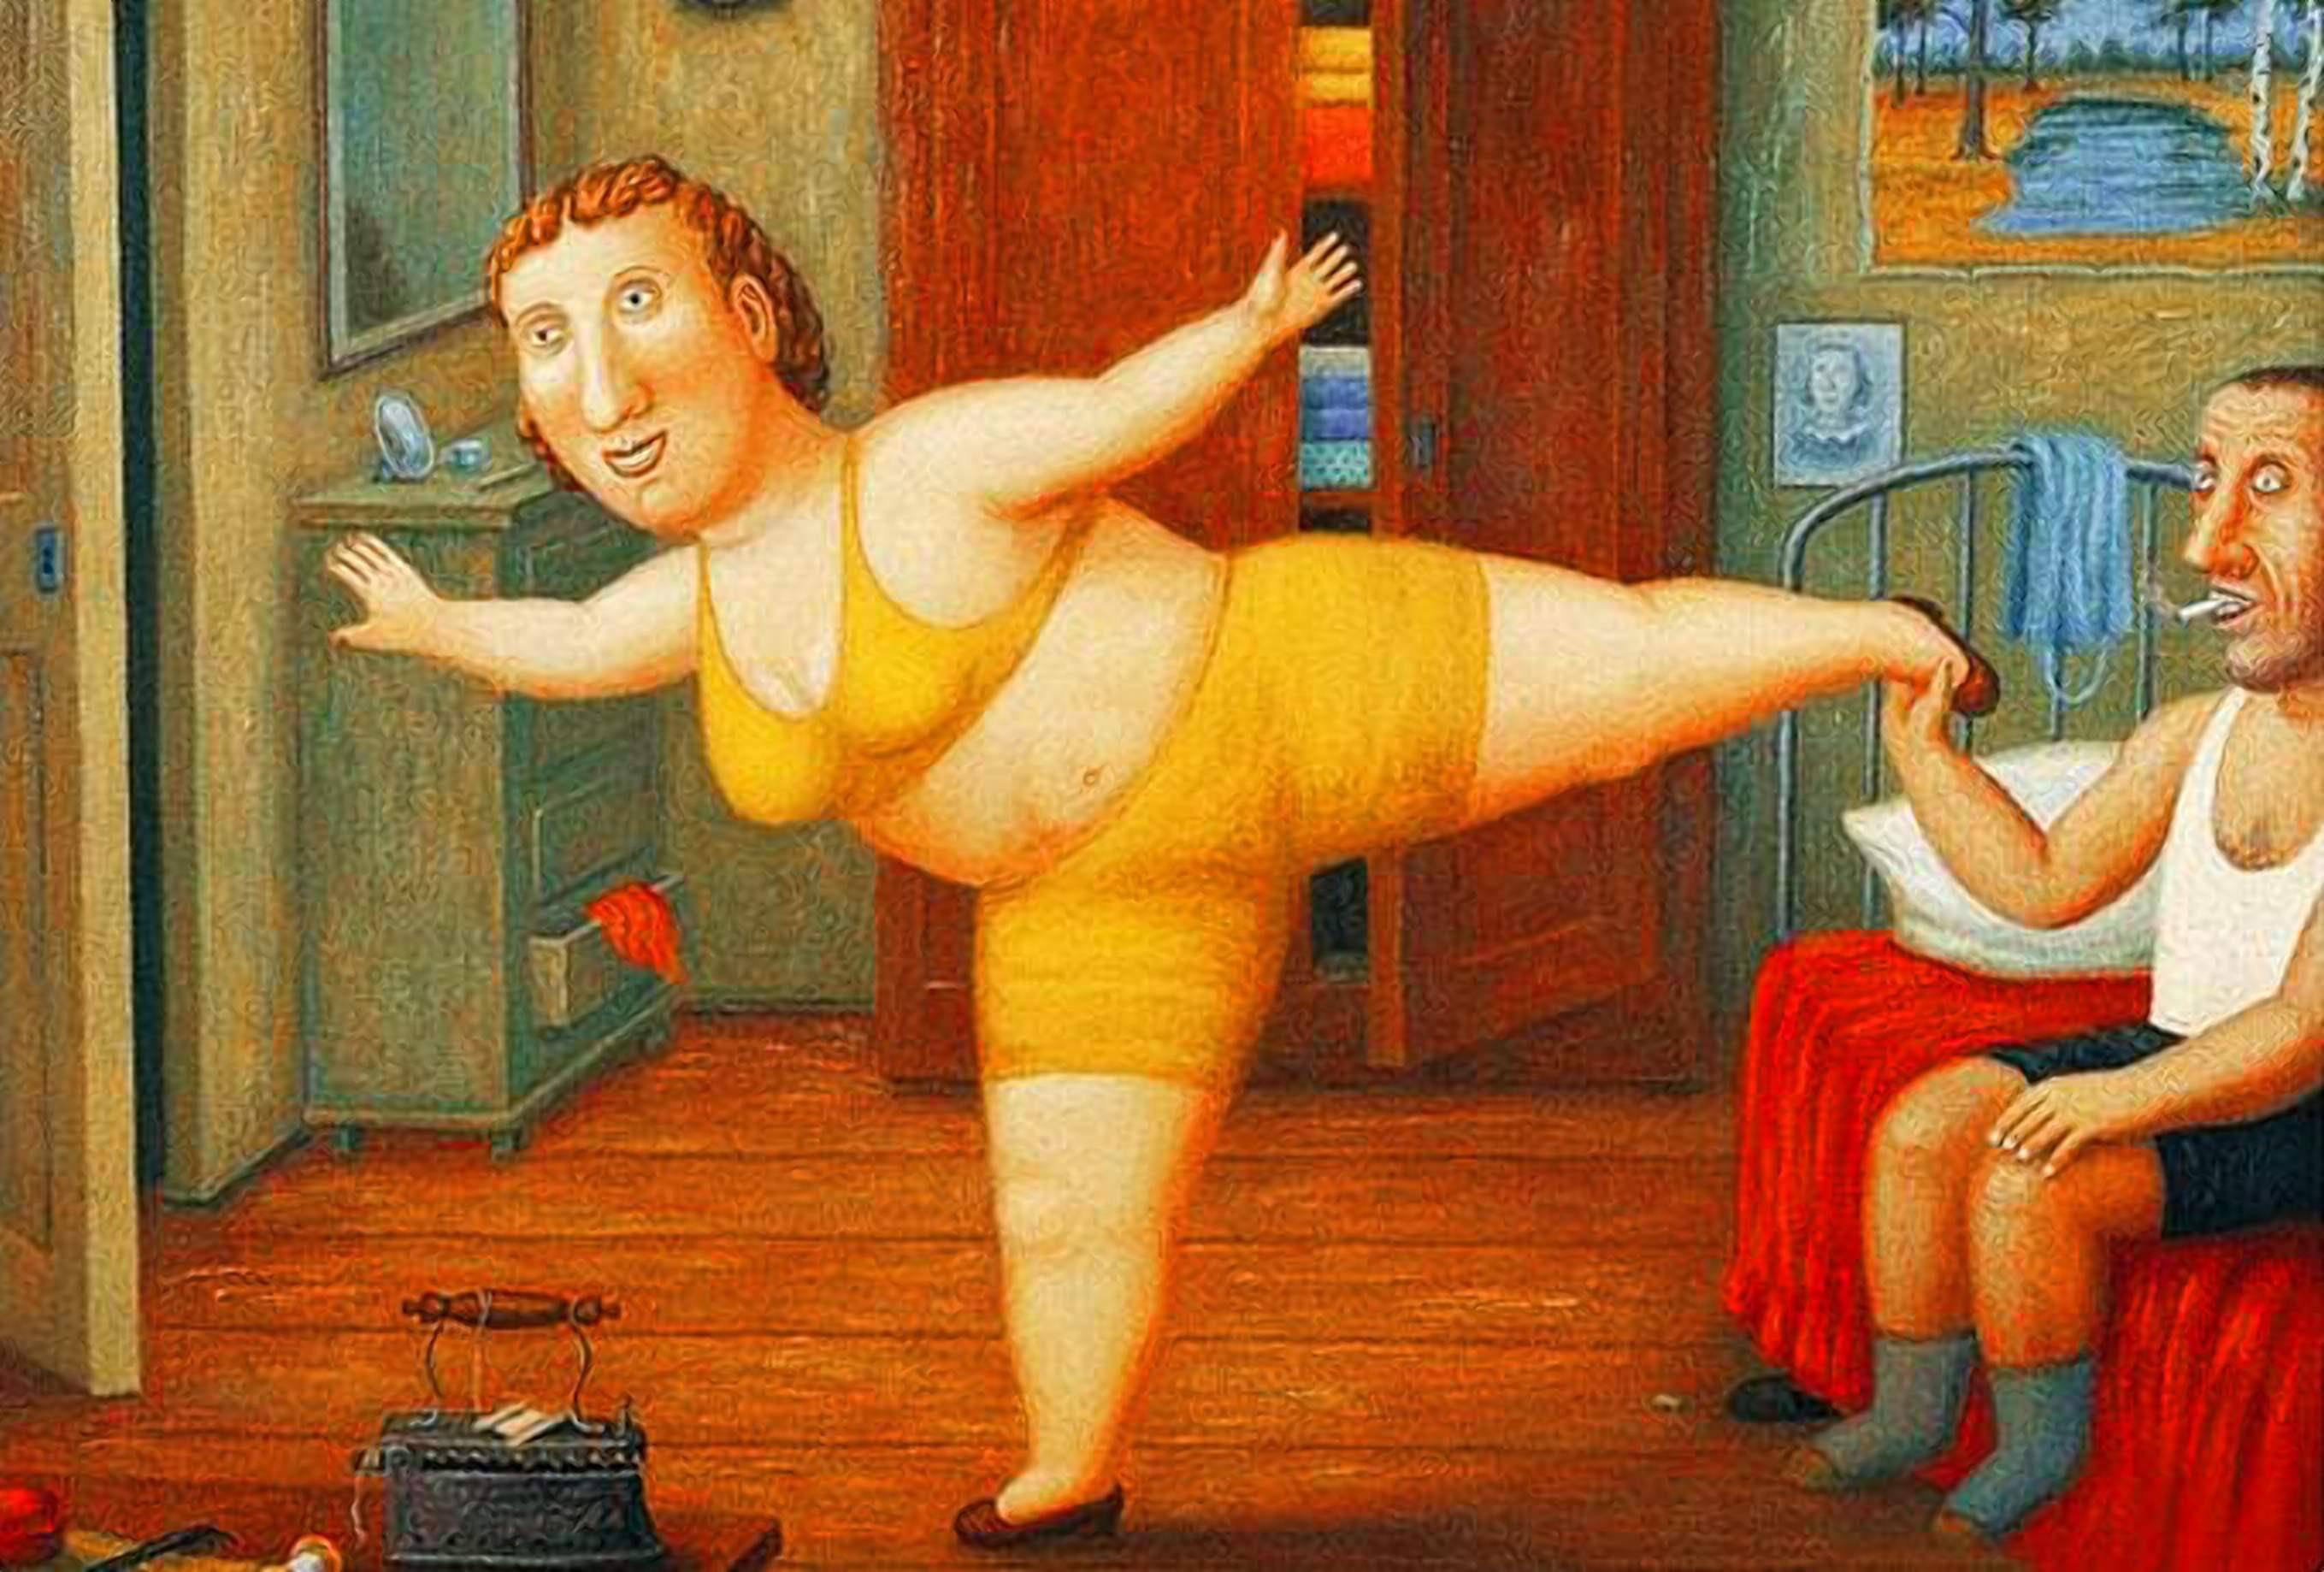 Пошаговые рисунки, картинки с толстыми женщинами и приколы к ним